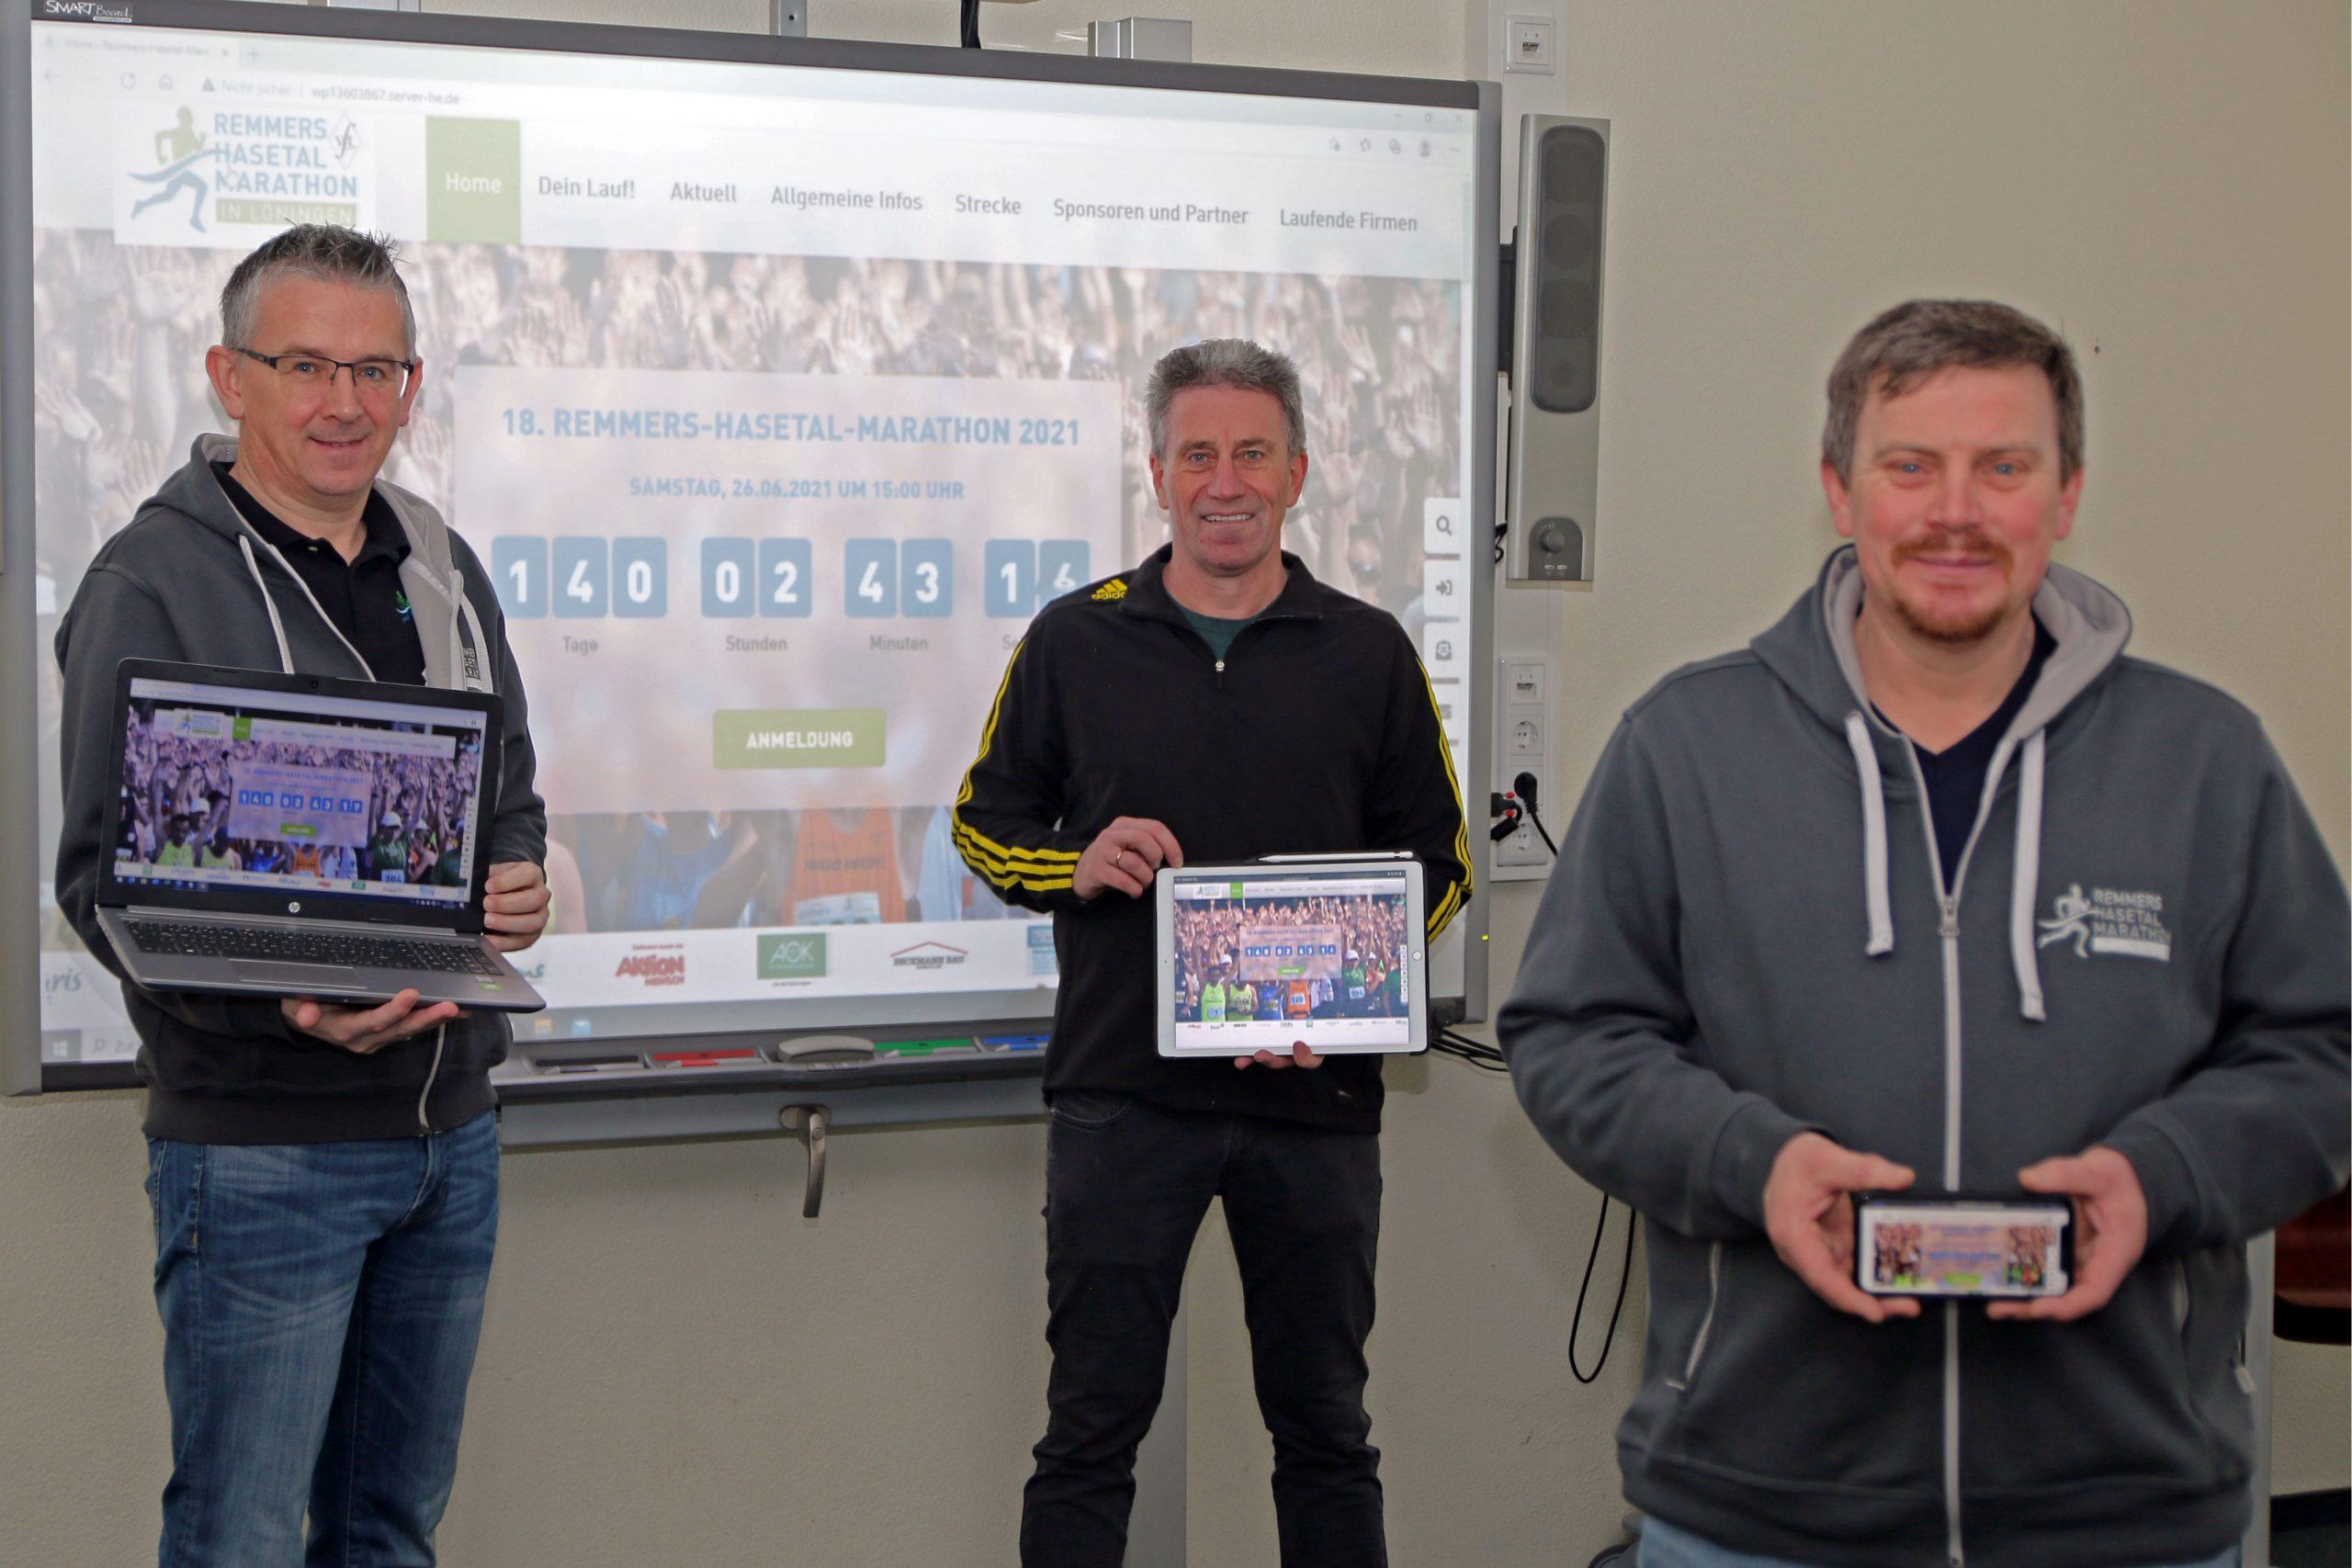 zum Bild: Das Löninger Marathon-Organisationsteam freut sich über den neuen Webauftritt unter www.remmers-hasetal-marathon.de. Von links: Stefan Beumker, Armin Beyer und Jens Lüken. Foto: Remmers-Hasetal-Marathon.